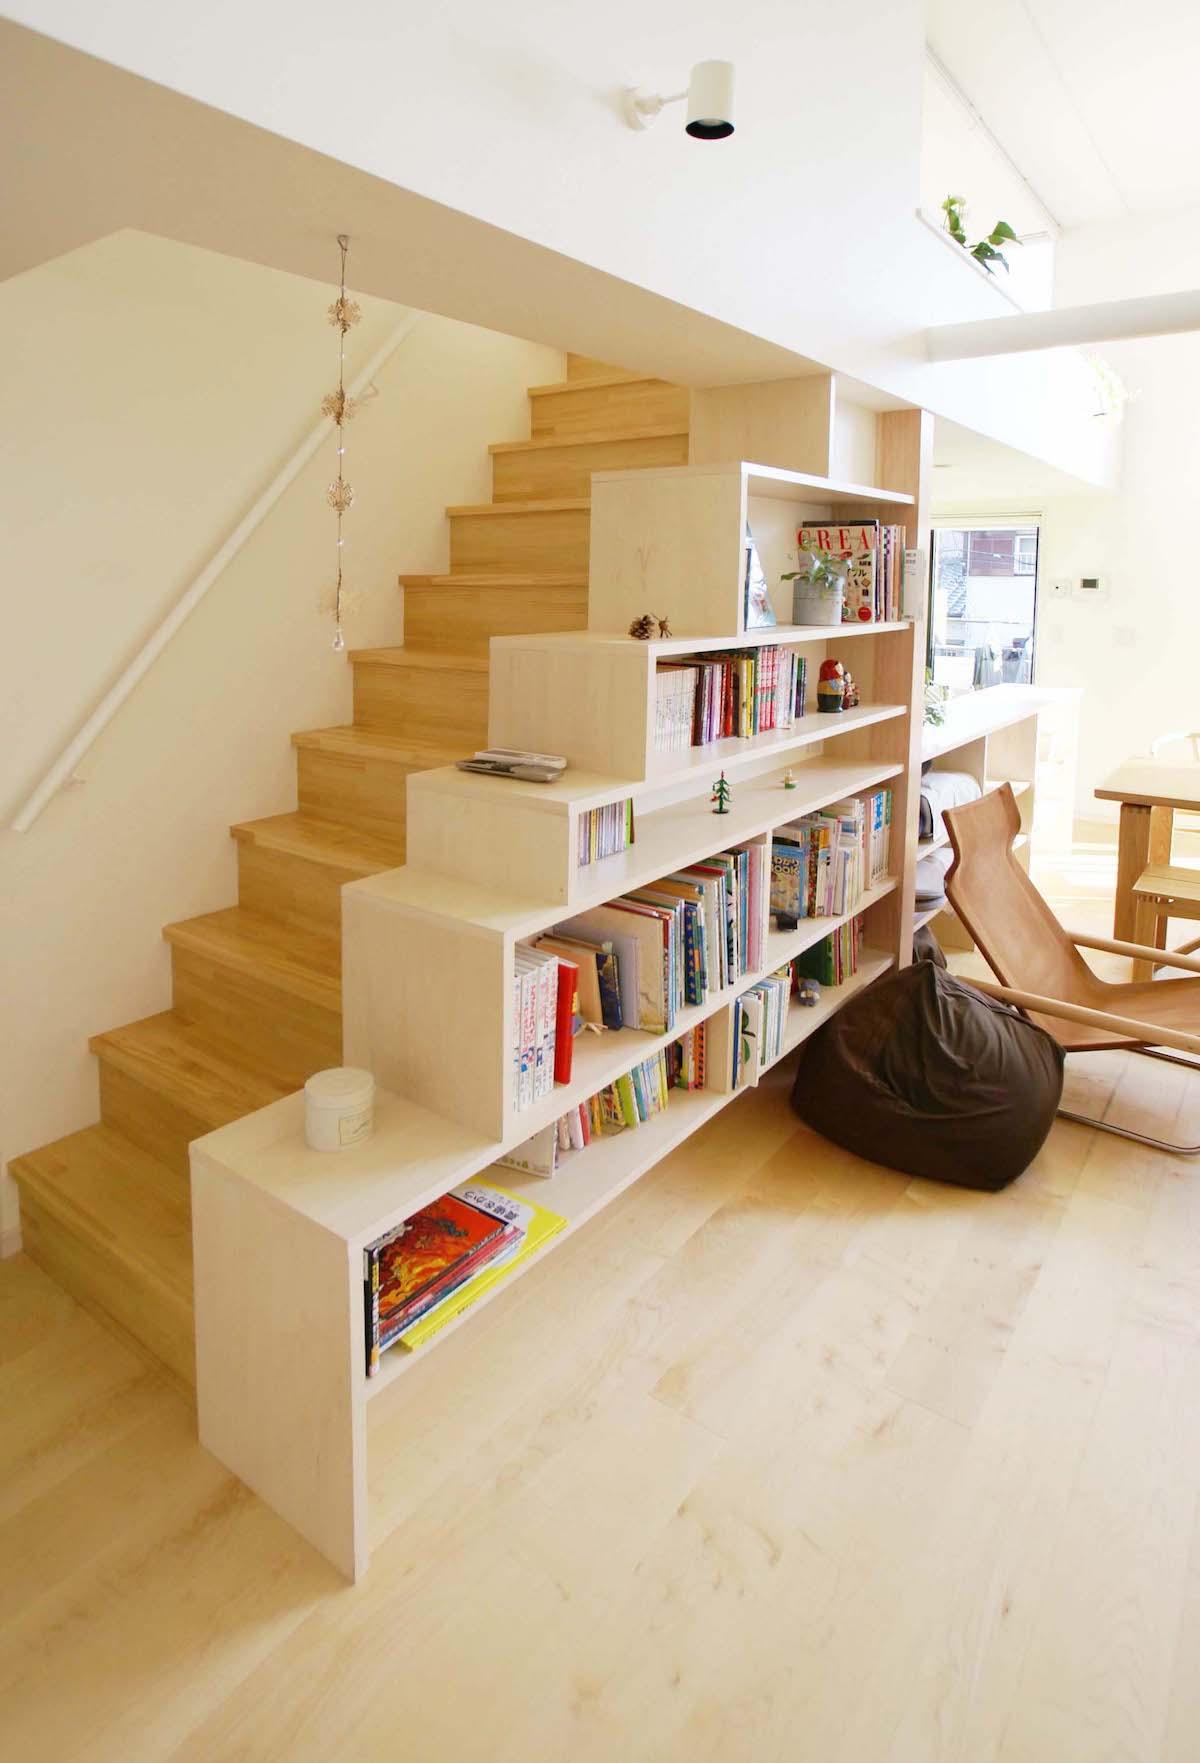 ロフトへ至る階段と階段状本棚